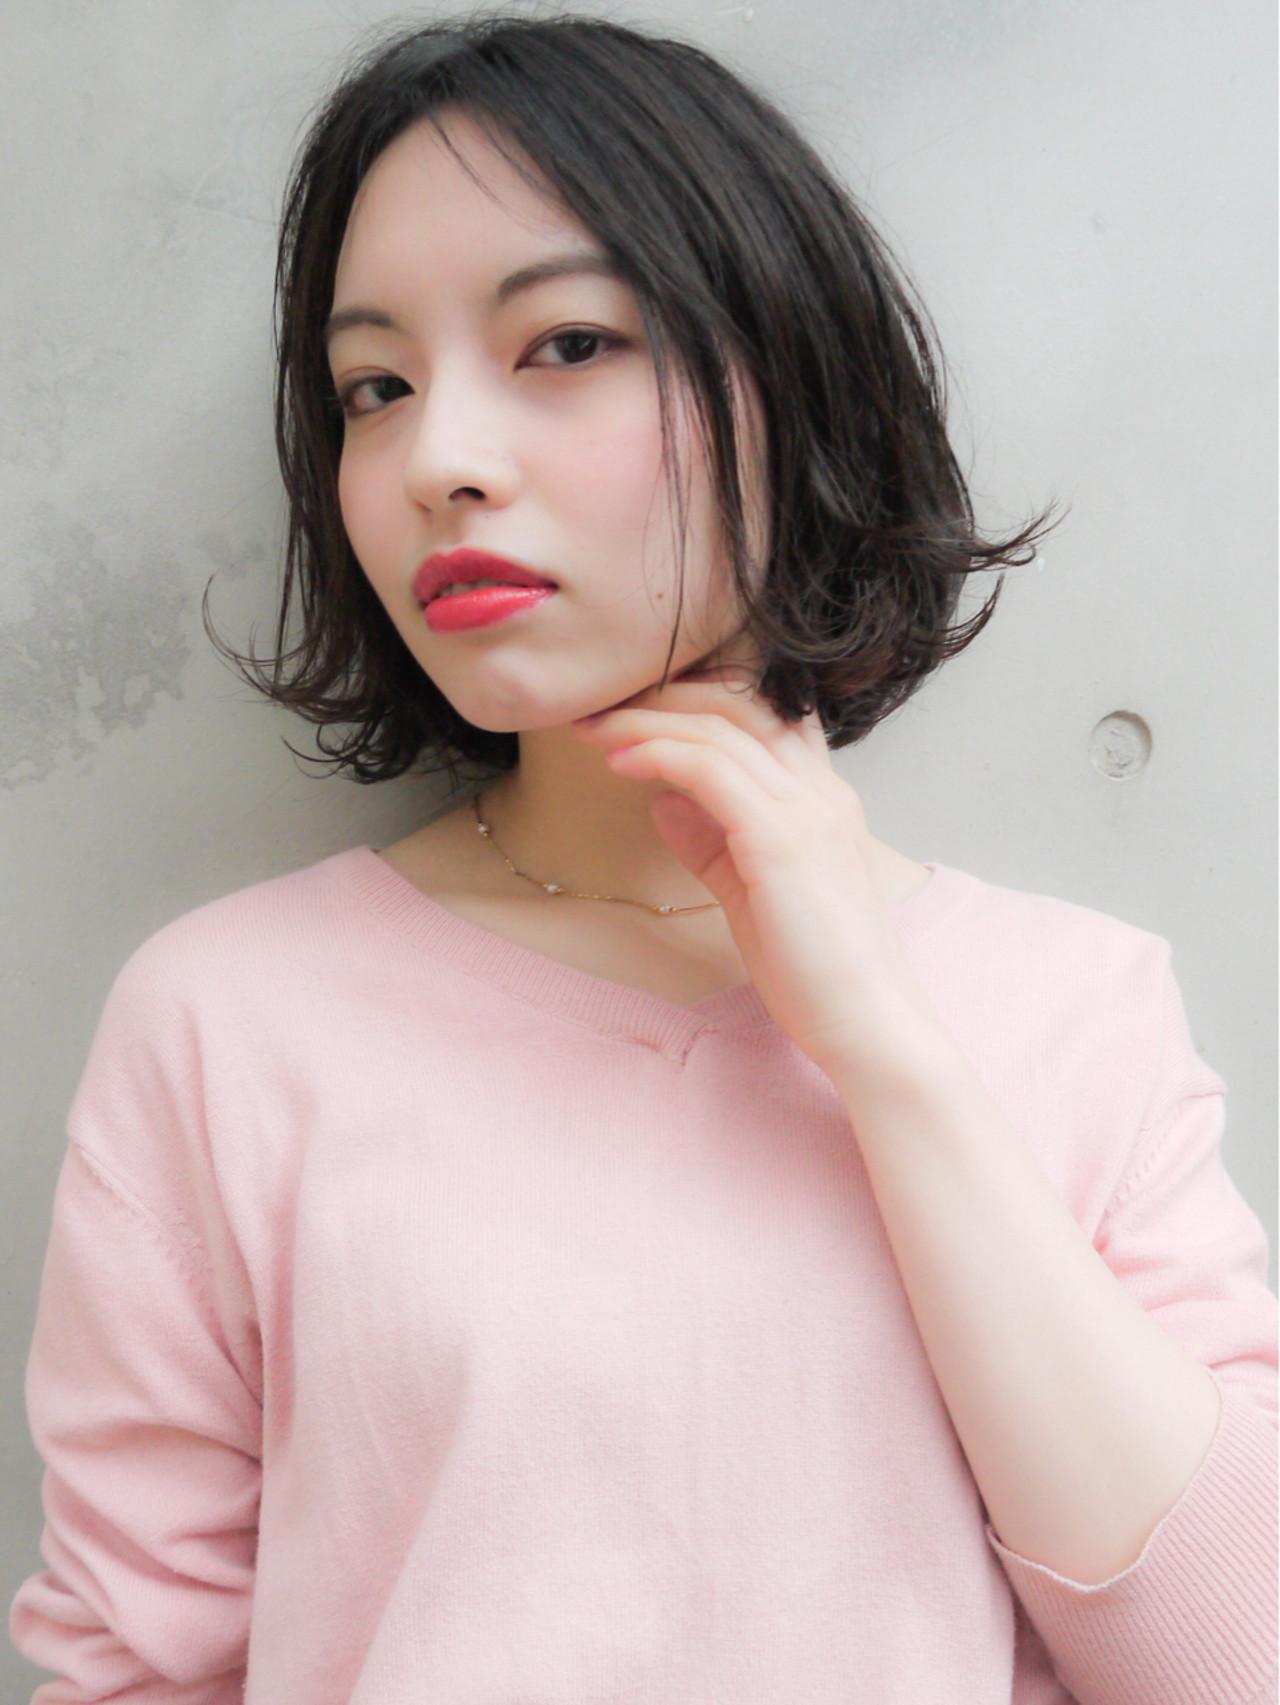 アンニュイ コンサバ ゆるふわ ボブ ヘアスタイルや髪型の写真・画像 | HIROKI / roijir / roijir